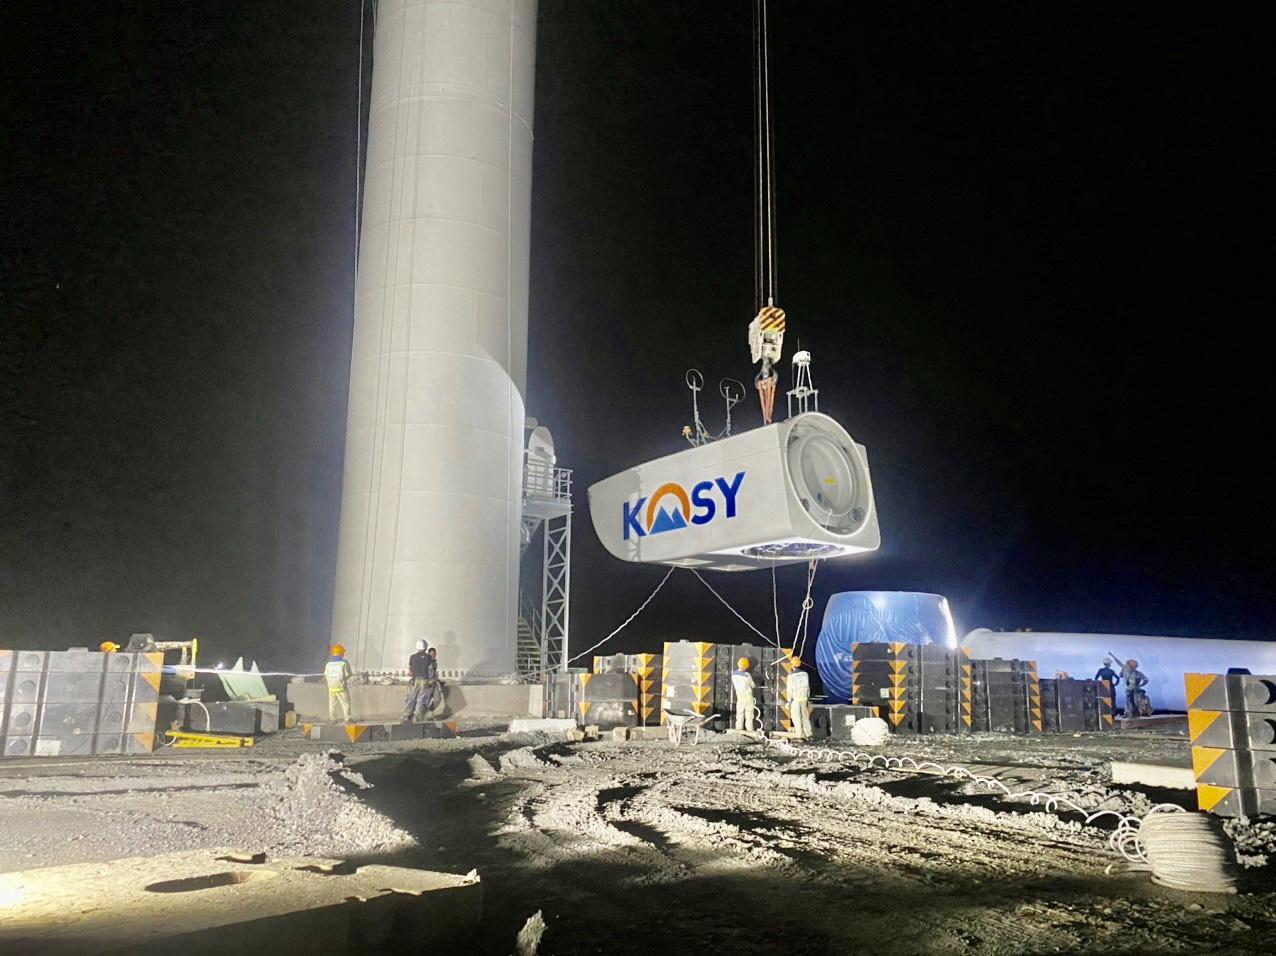 Nhà máy điện gió Kosy Bạc Liêu: Tăng tốc về đích, đảm bảo phòng chống dịch Covid-19 - Ảnh 5.